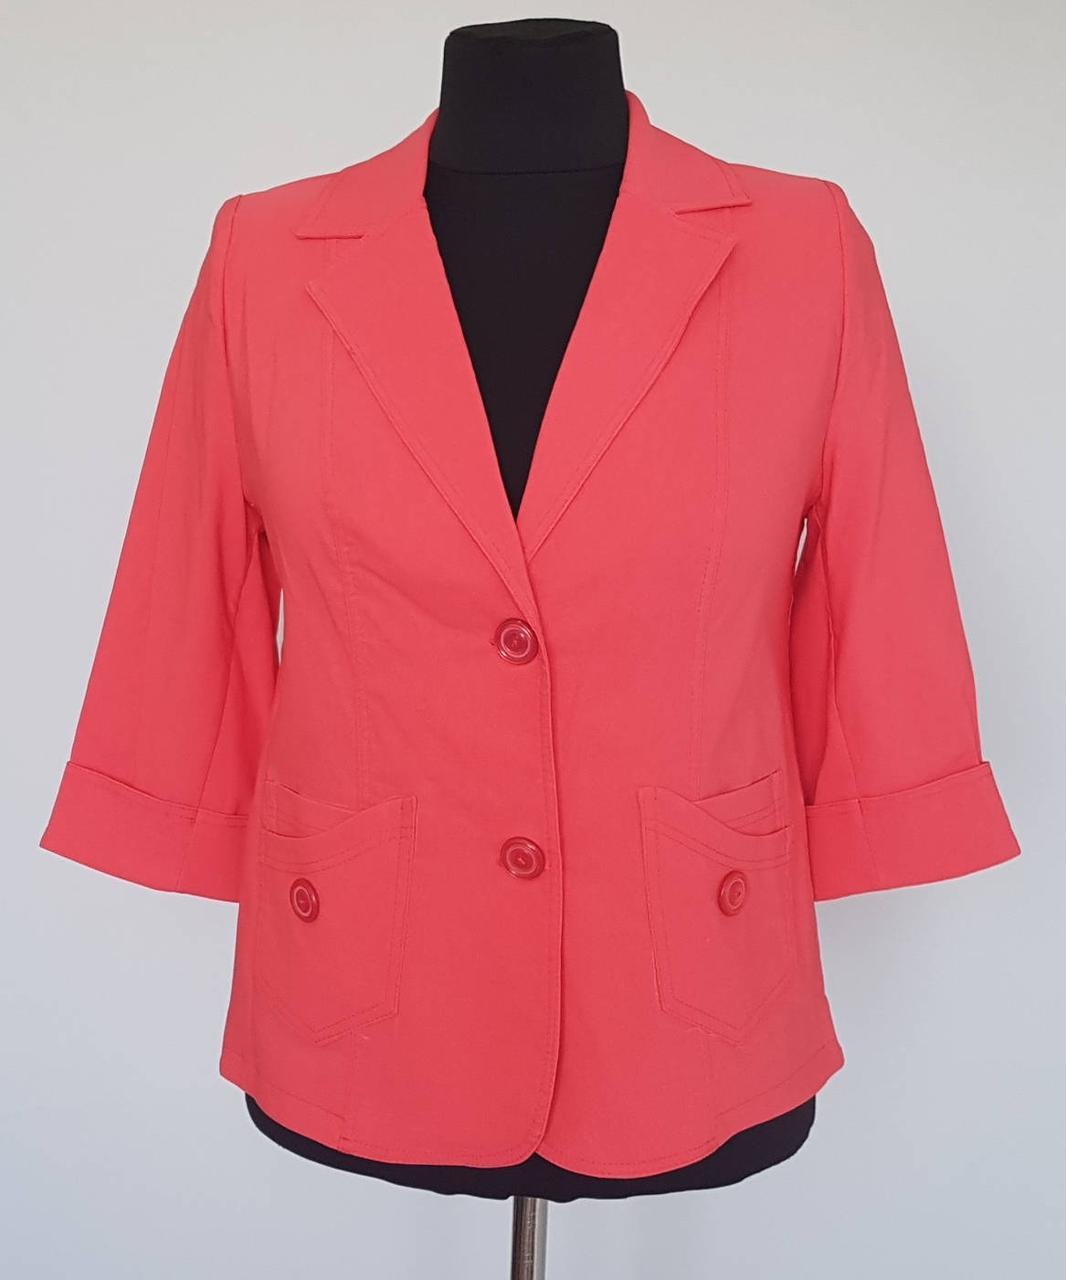 089af535ccd Пиджак женский с рукавами три четверти кораллового цвета - Интернет-магазин  «KatrinStyle» в